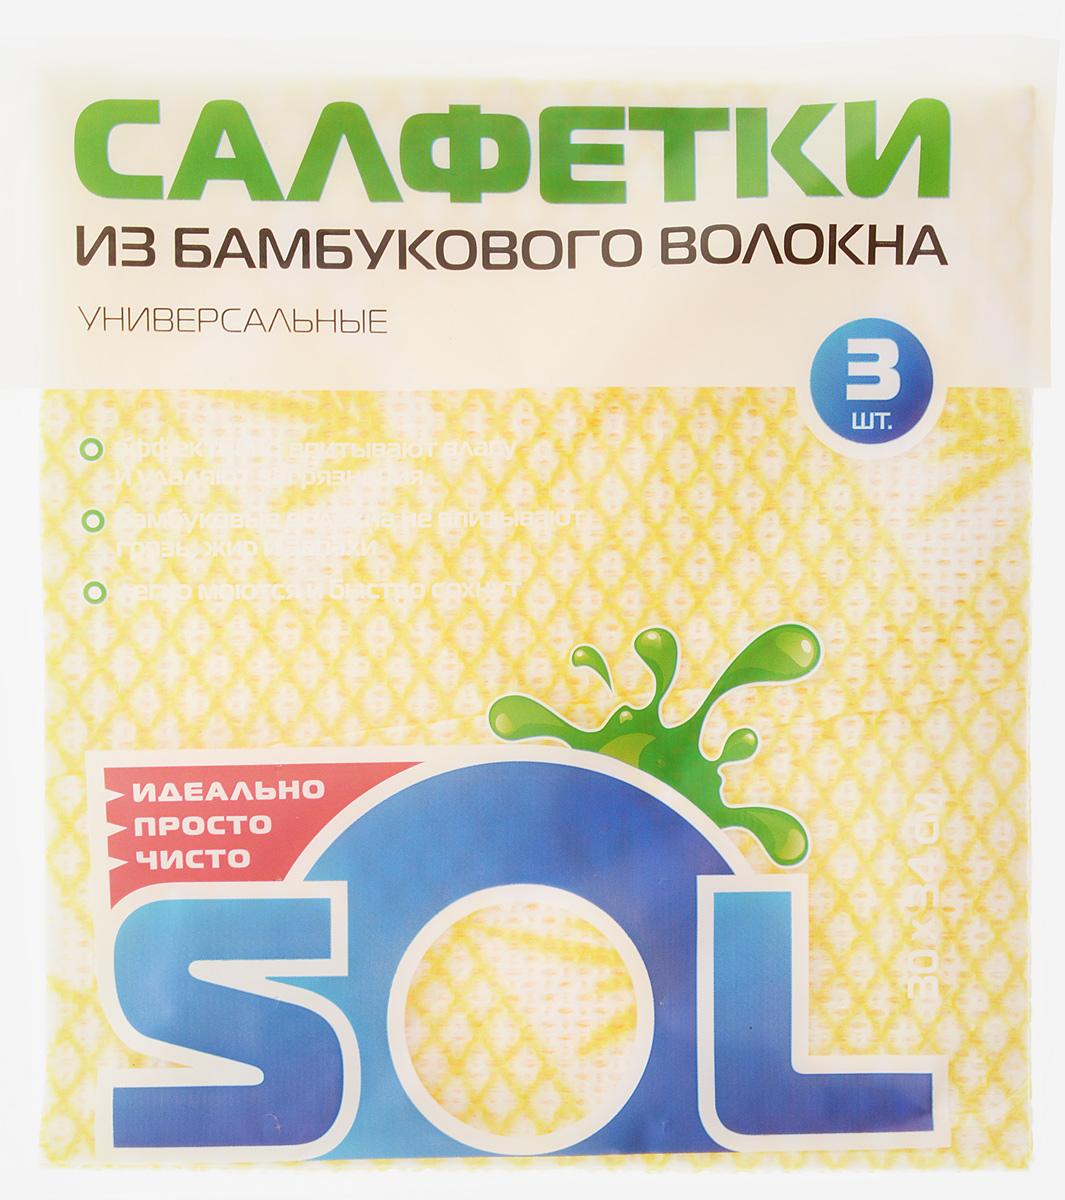 Салфетка для уборки Sol, из бамбукового волокна, цвет: желтый, 30 x 34 см, 3 шт10001/70007_жёлтыйСалфетки Sol, выполненные из бамбукового волокна, вискозы и полиэстера, предназначены для уборки. Бамбуковое волокно - экологичный и безопасный для здоровья человека материал, не содержащий в своем составе никаких химических добавок, синтетических материалов и примесей. Благодаря трубчатой структуре волокон, жир и грязь не впитываются в ткань, легко вымываются под струей водой. Рекомендации по уходу: Бамбуковые салфетки не требуют особого ухода. После каждого использования их рекомендуется промыть под струей воды и просушить. Не рекомендуется сушить салфетки на батарее. Размер салфетки: 30 х 34 см.